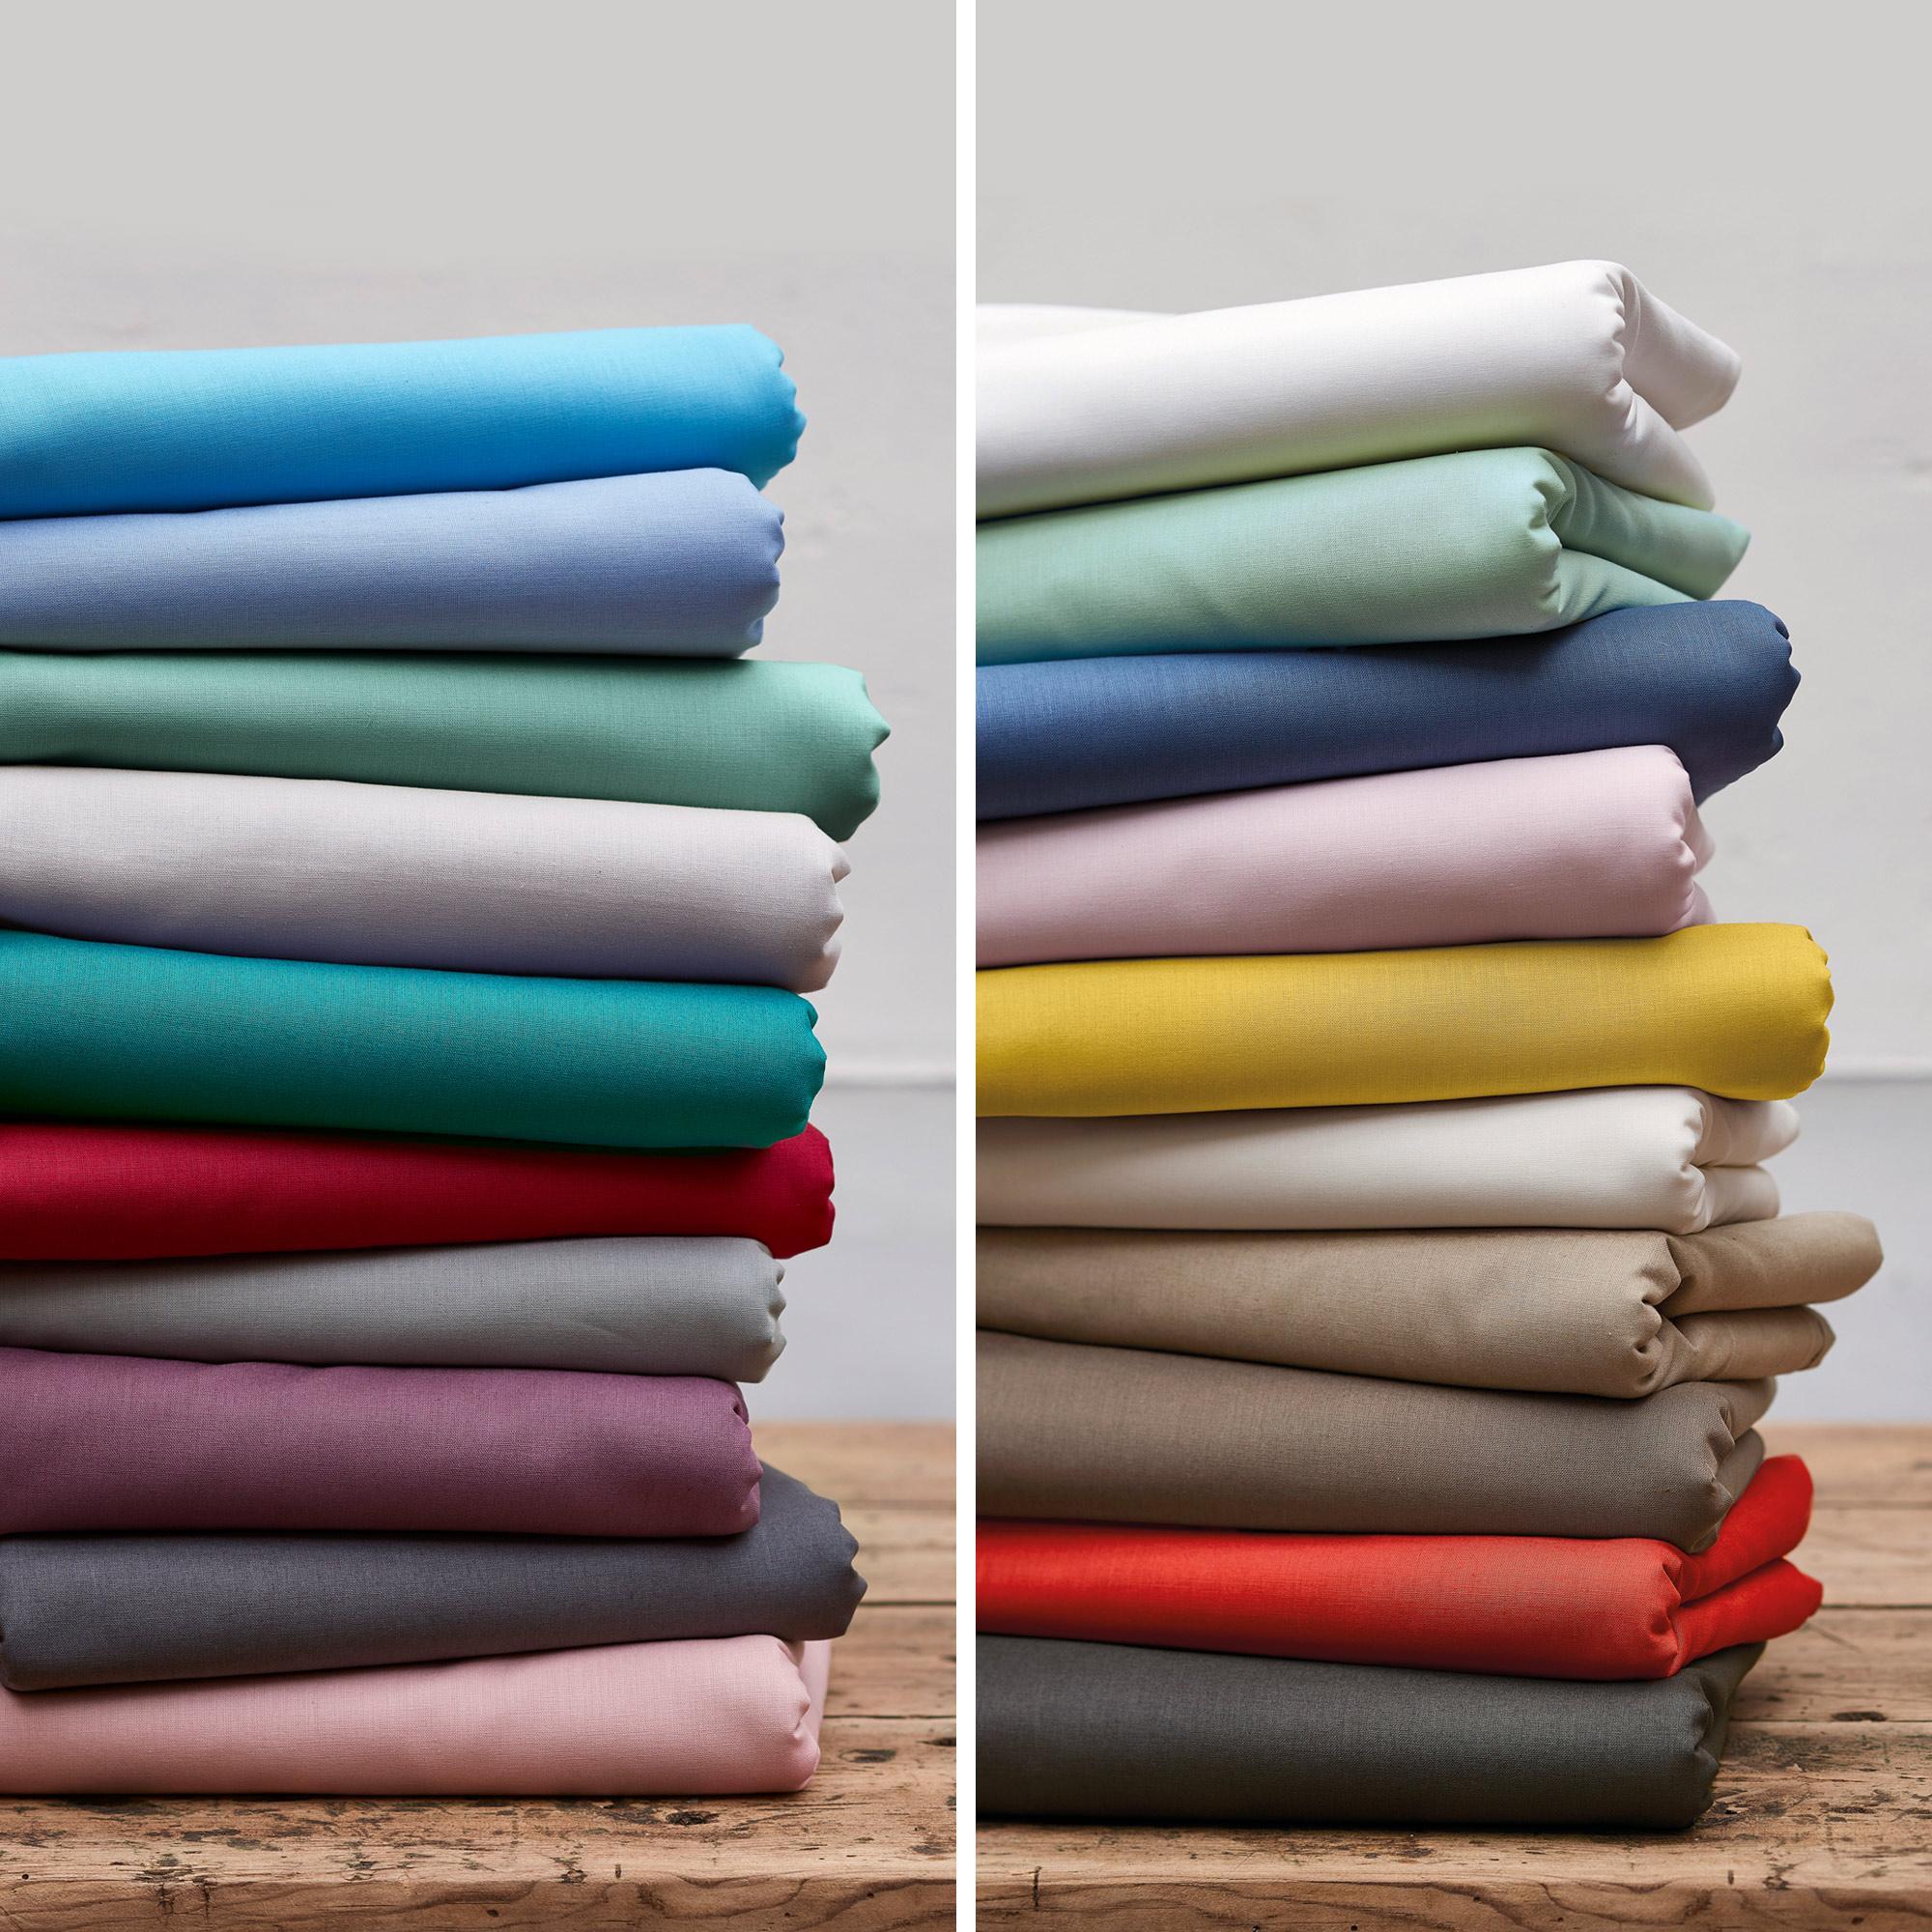 housse de couette 200x200cm uni pur coton alto gris calcium linnea vente de linge de maison. Black Bedroom Furniture Sets. Home Design Ideas